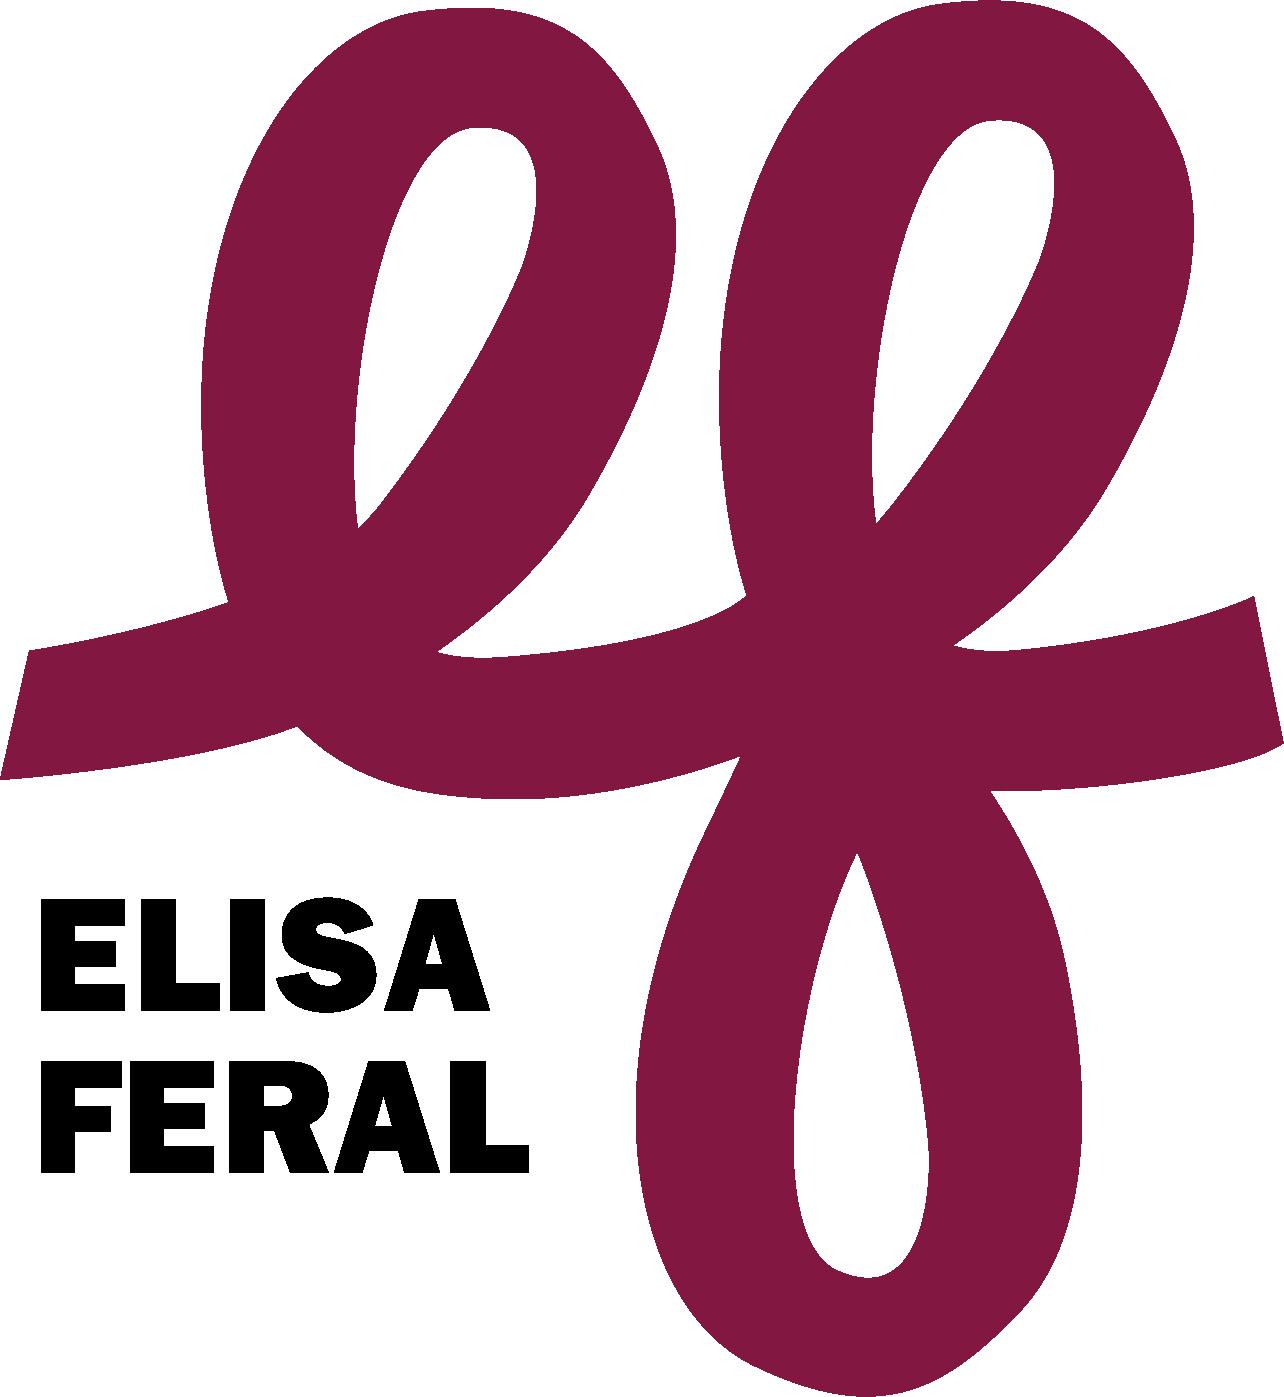 Elisa Feral